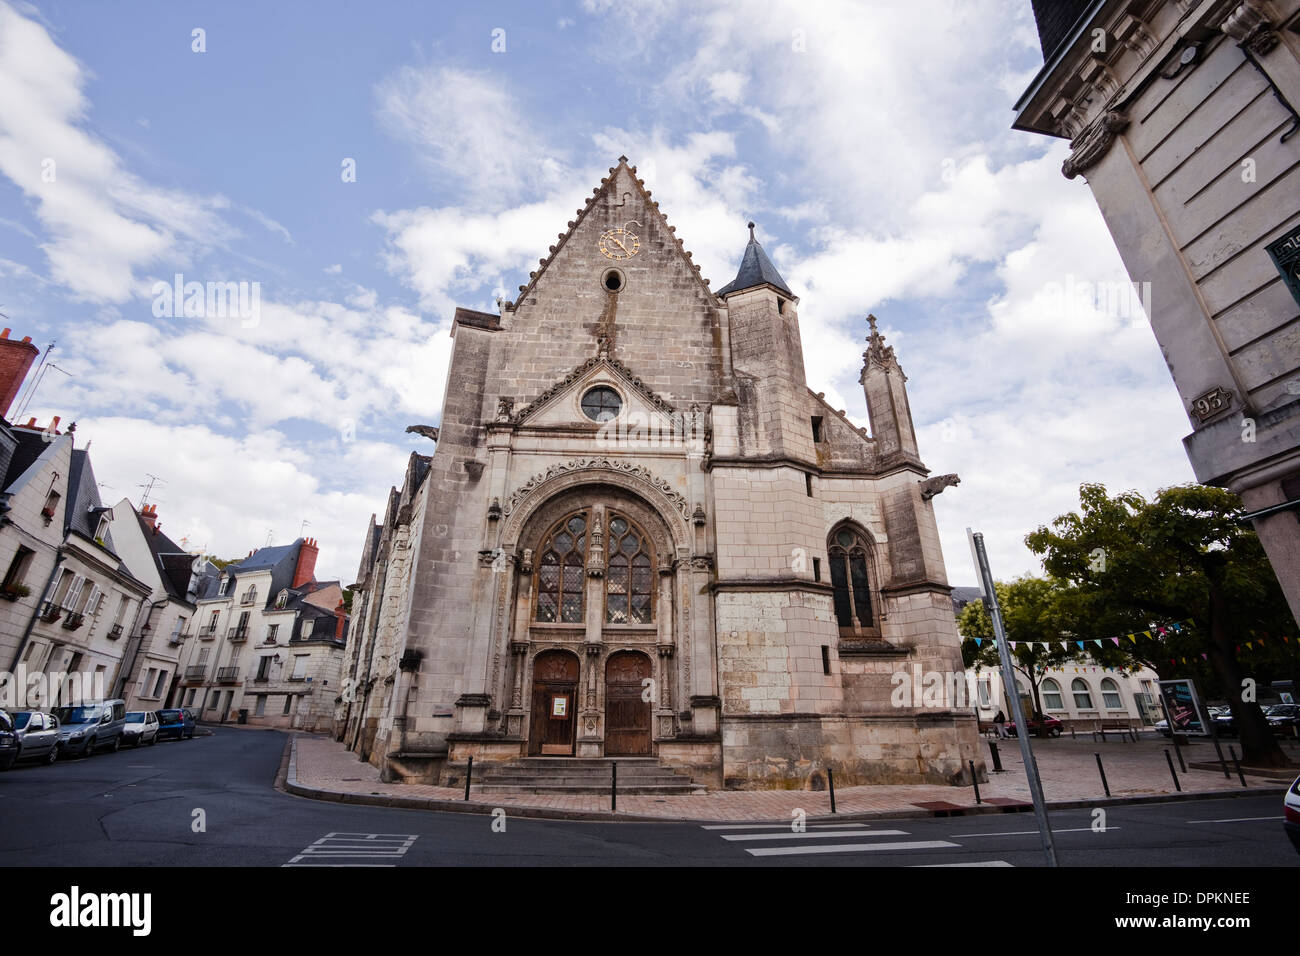 Eglise Saint Symphorien In The City Of Tours France Stock Photo - Tours france